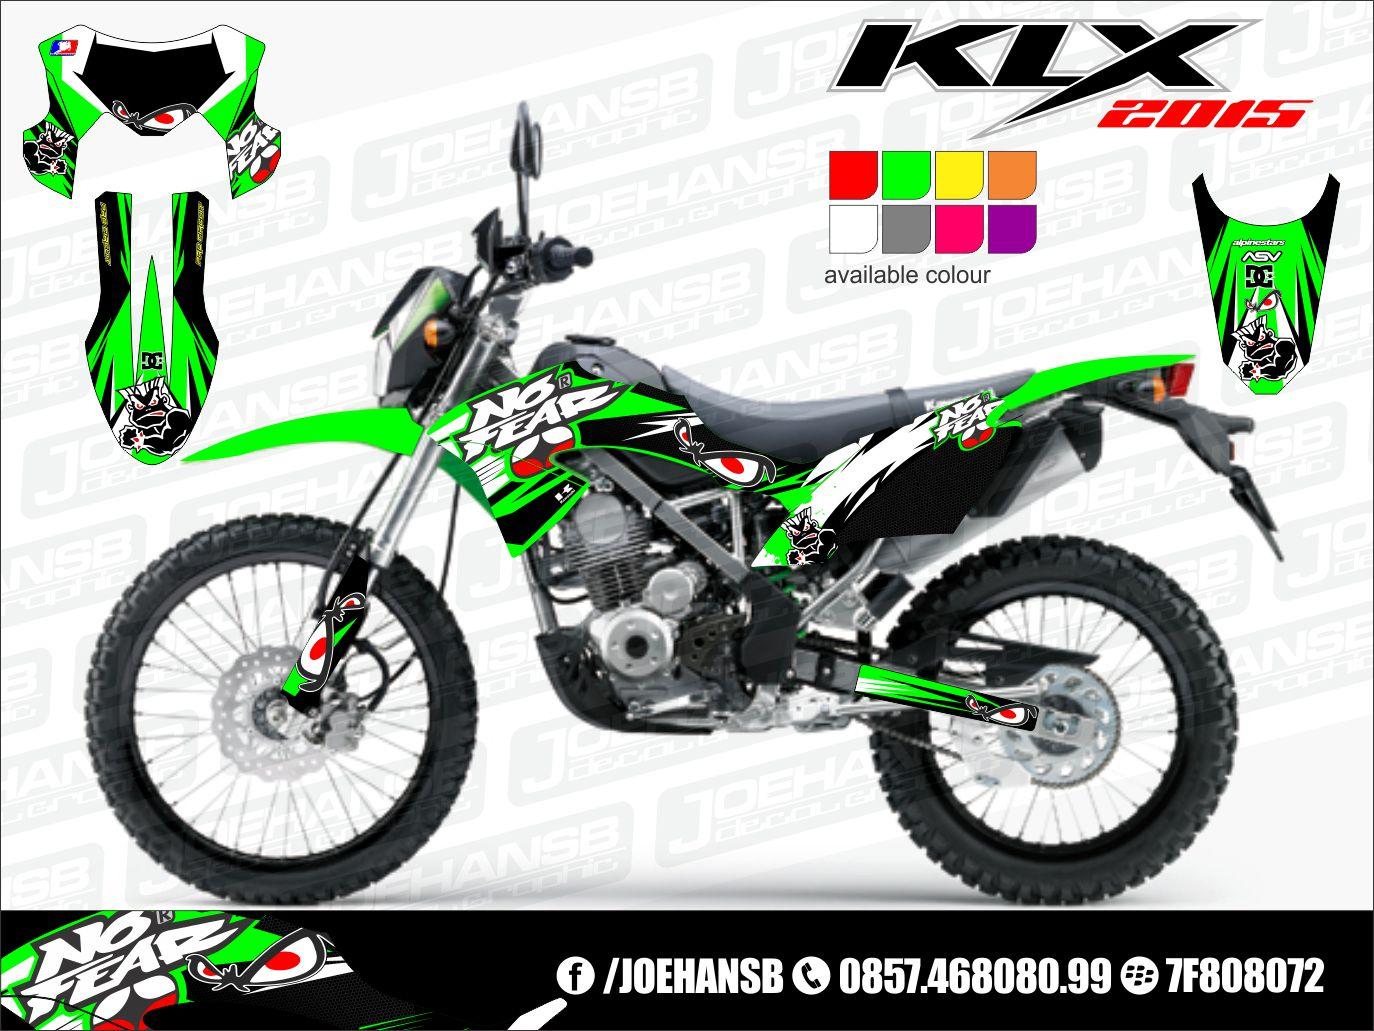 Gambar modifikasi stiker motor klx